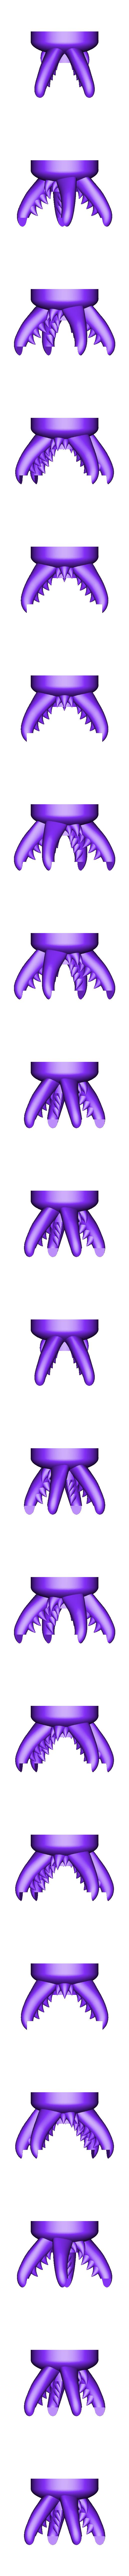 Support_Bottle_Mars_-_Photon.stl Télécharger fichier STL gratuit Support Vide Bouteille ( No Supports ) • Plan pour impression 3D, BODY3D